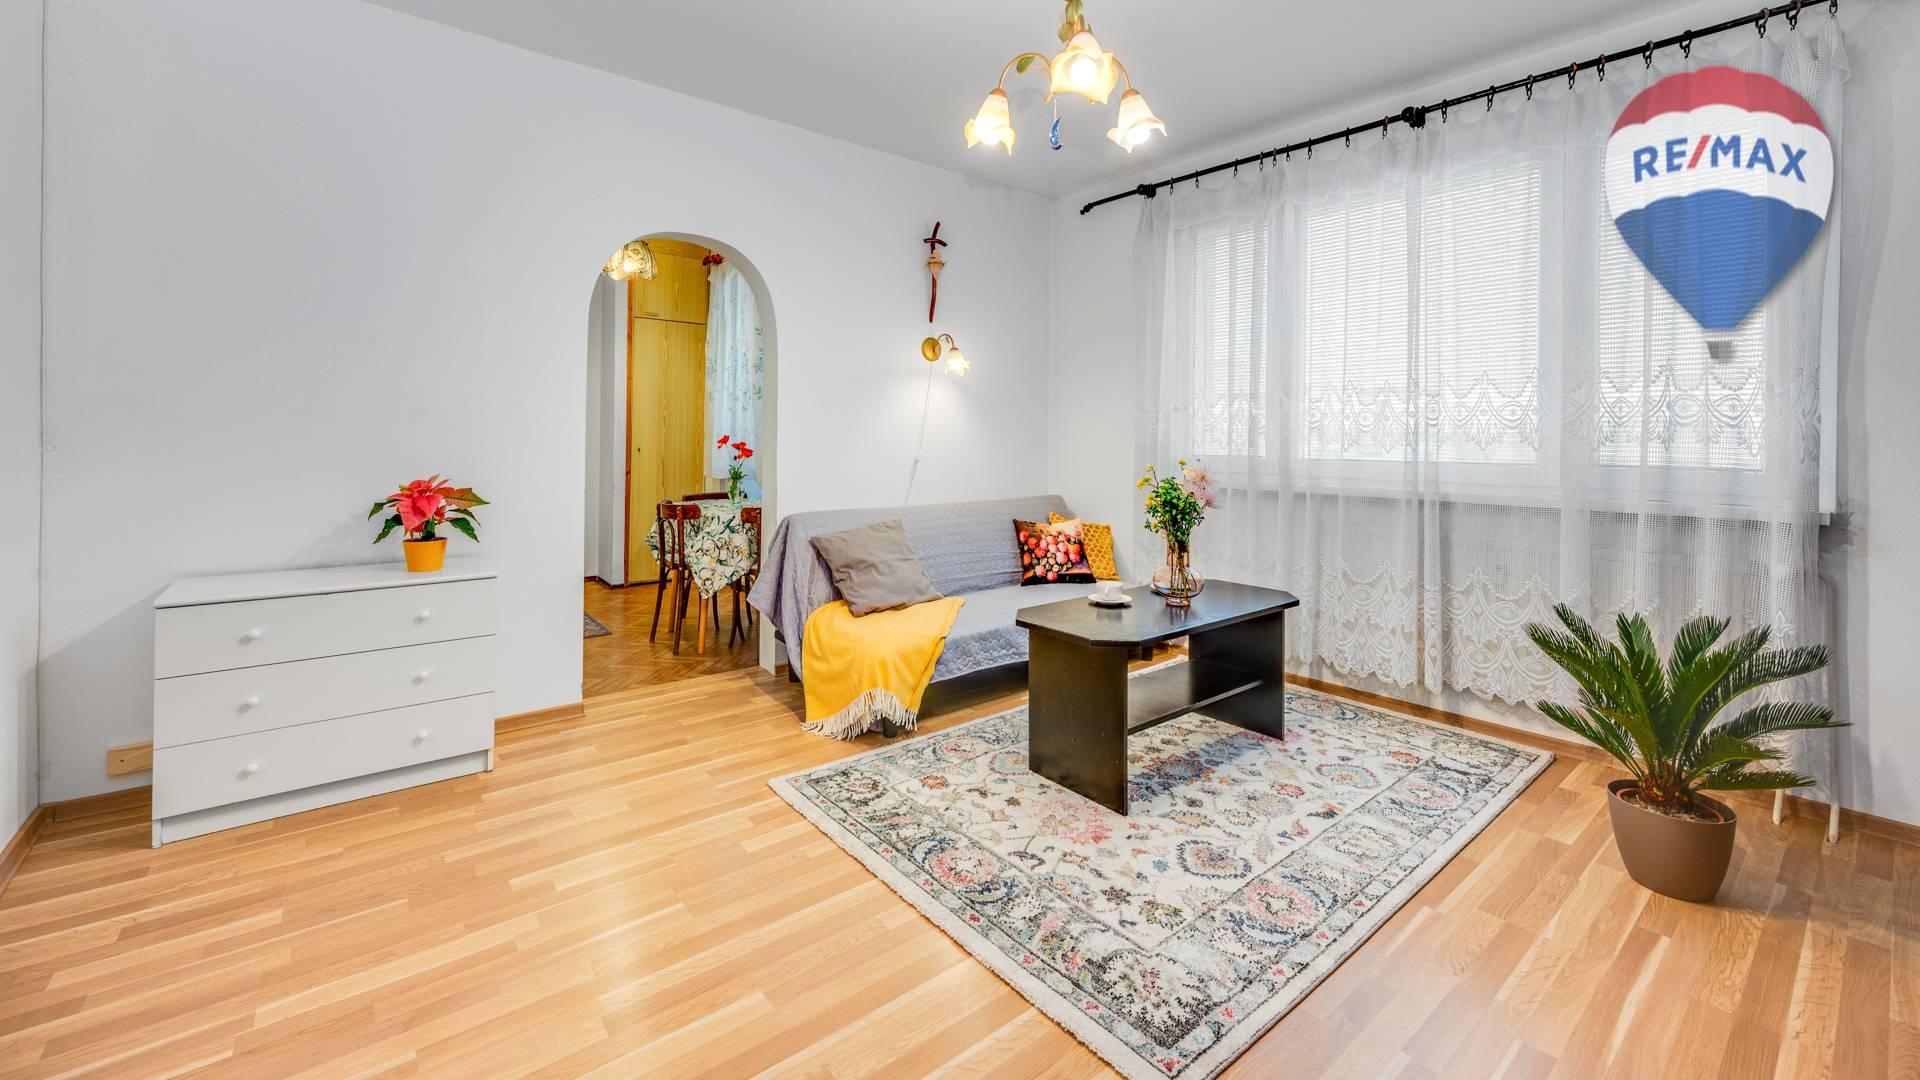 Tichý 2 izbový byt s priestrannou loggiou na Veternicovej ulici, BA IV.